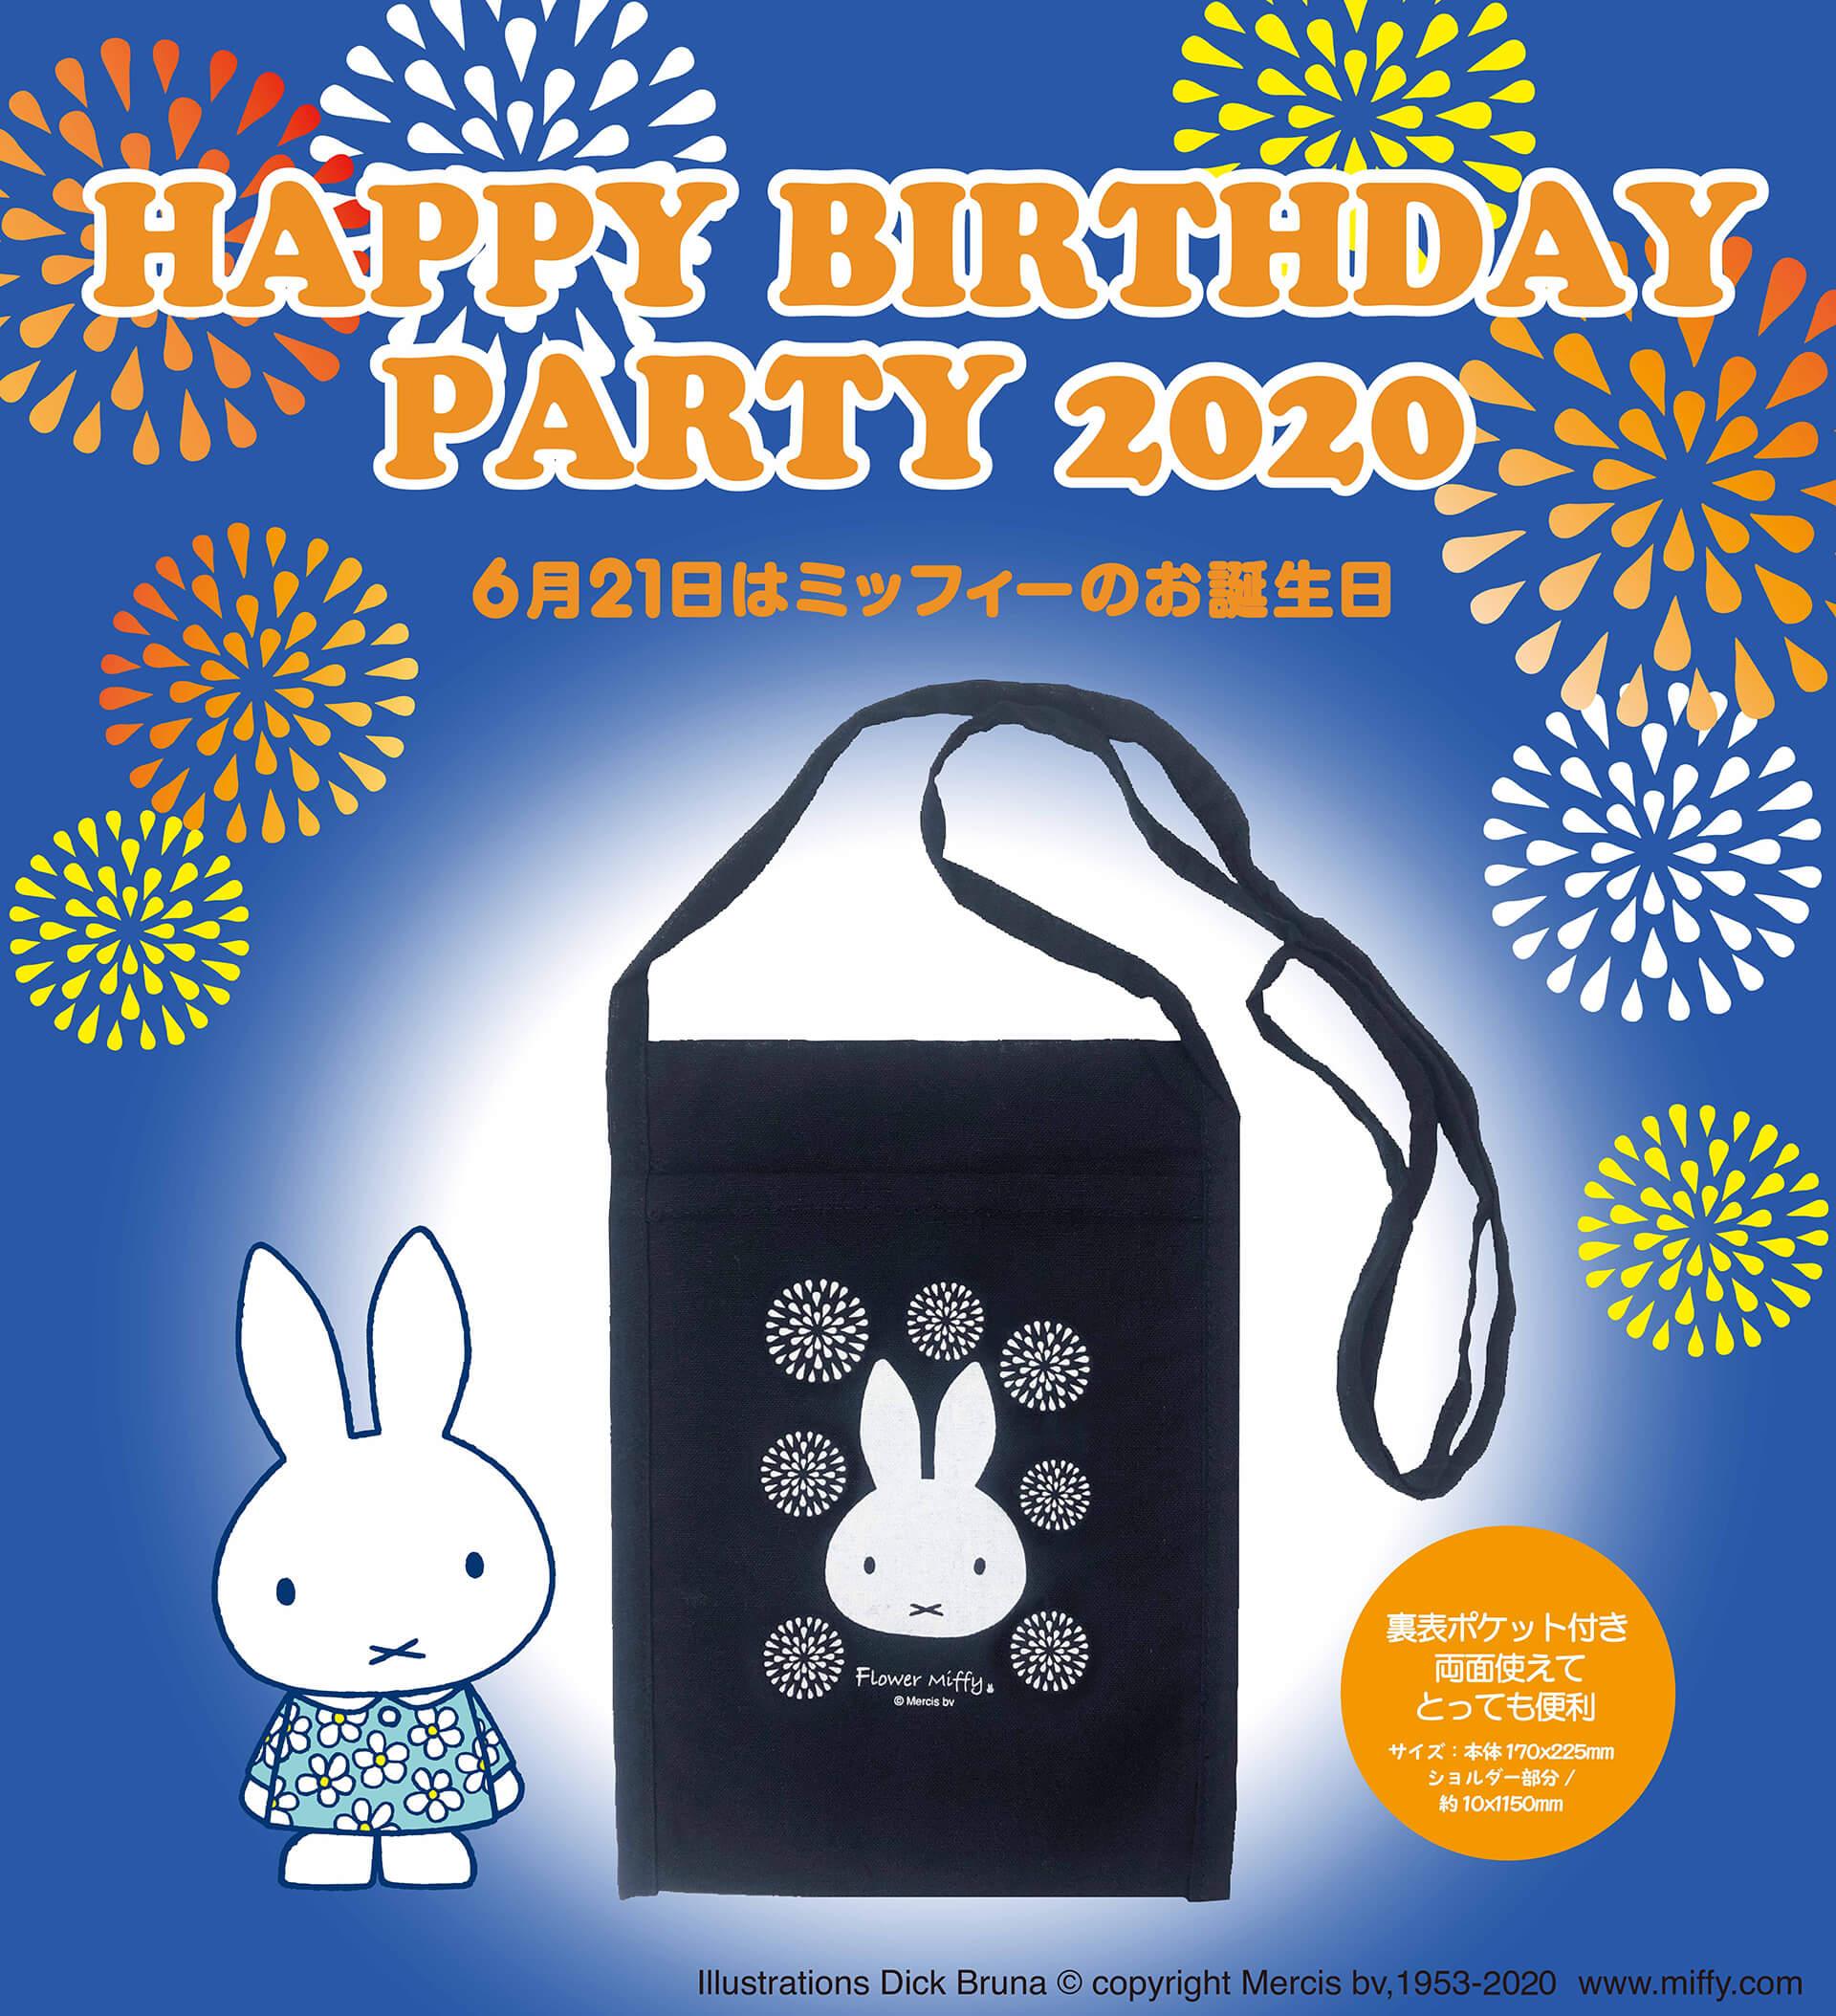 フラワーミッフィー「HAPPY BIRTHDAY PARTY」キャンペーン